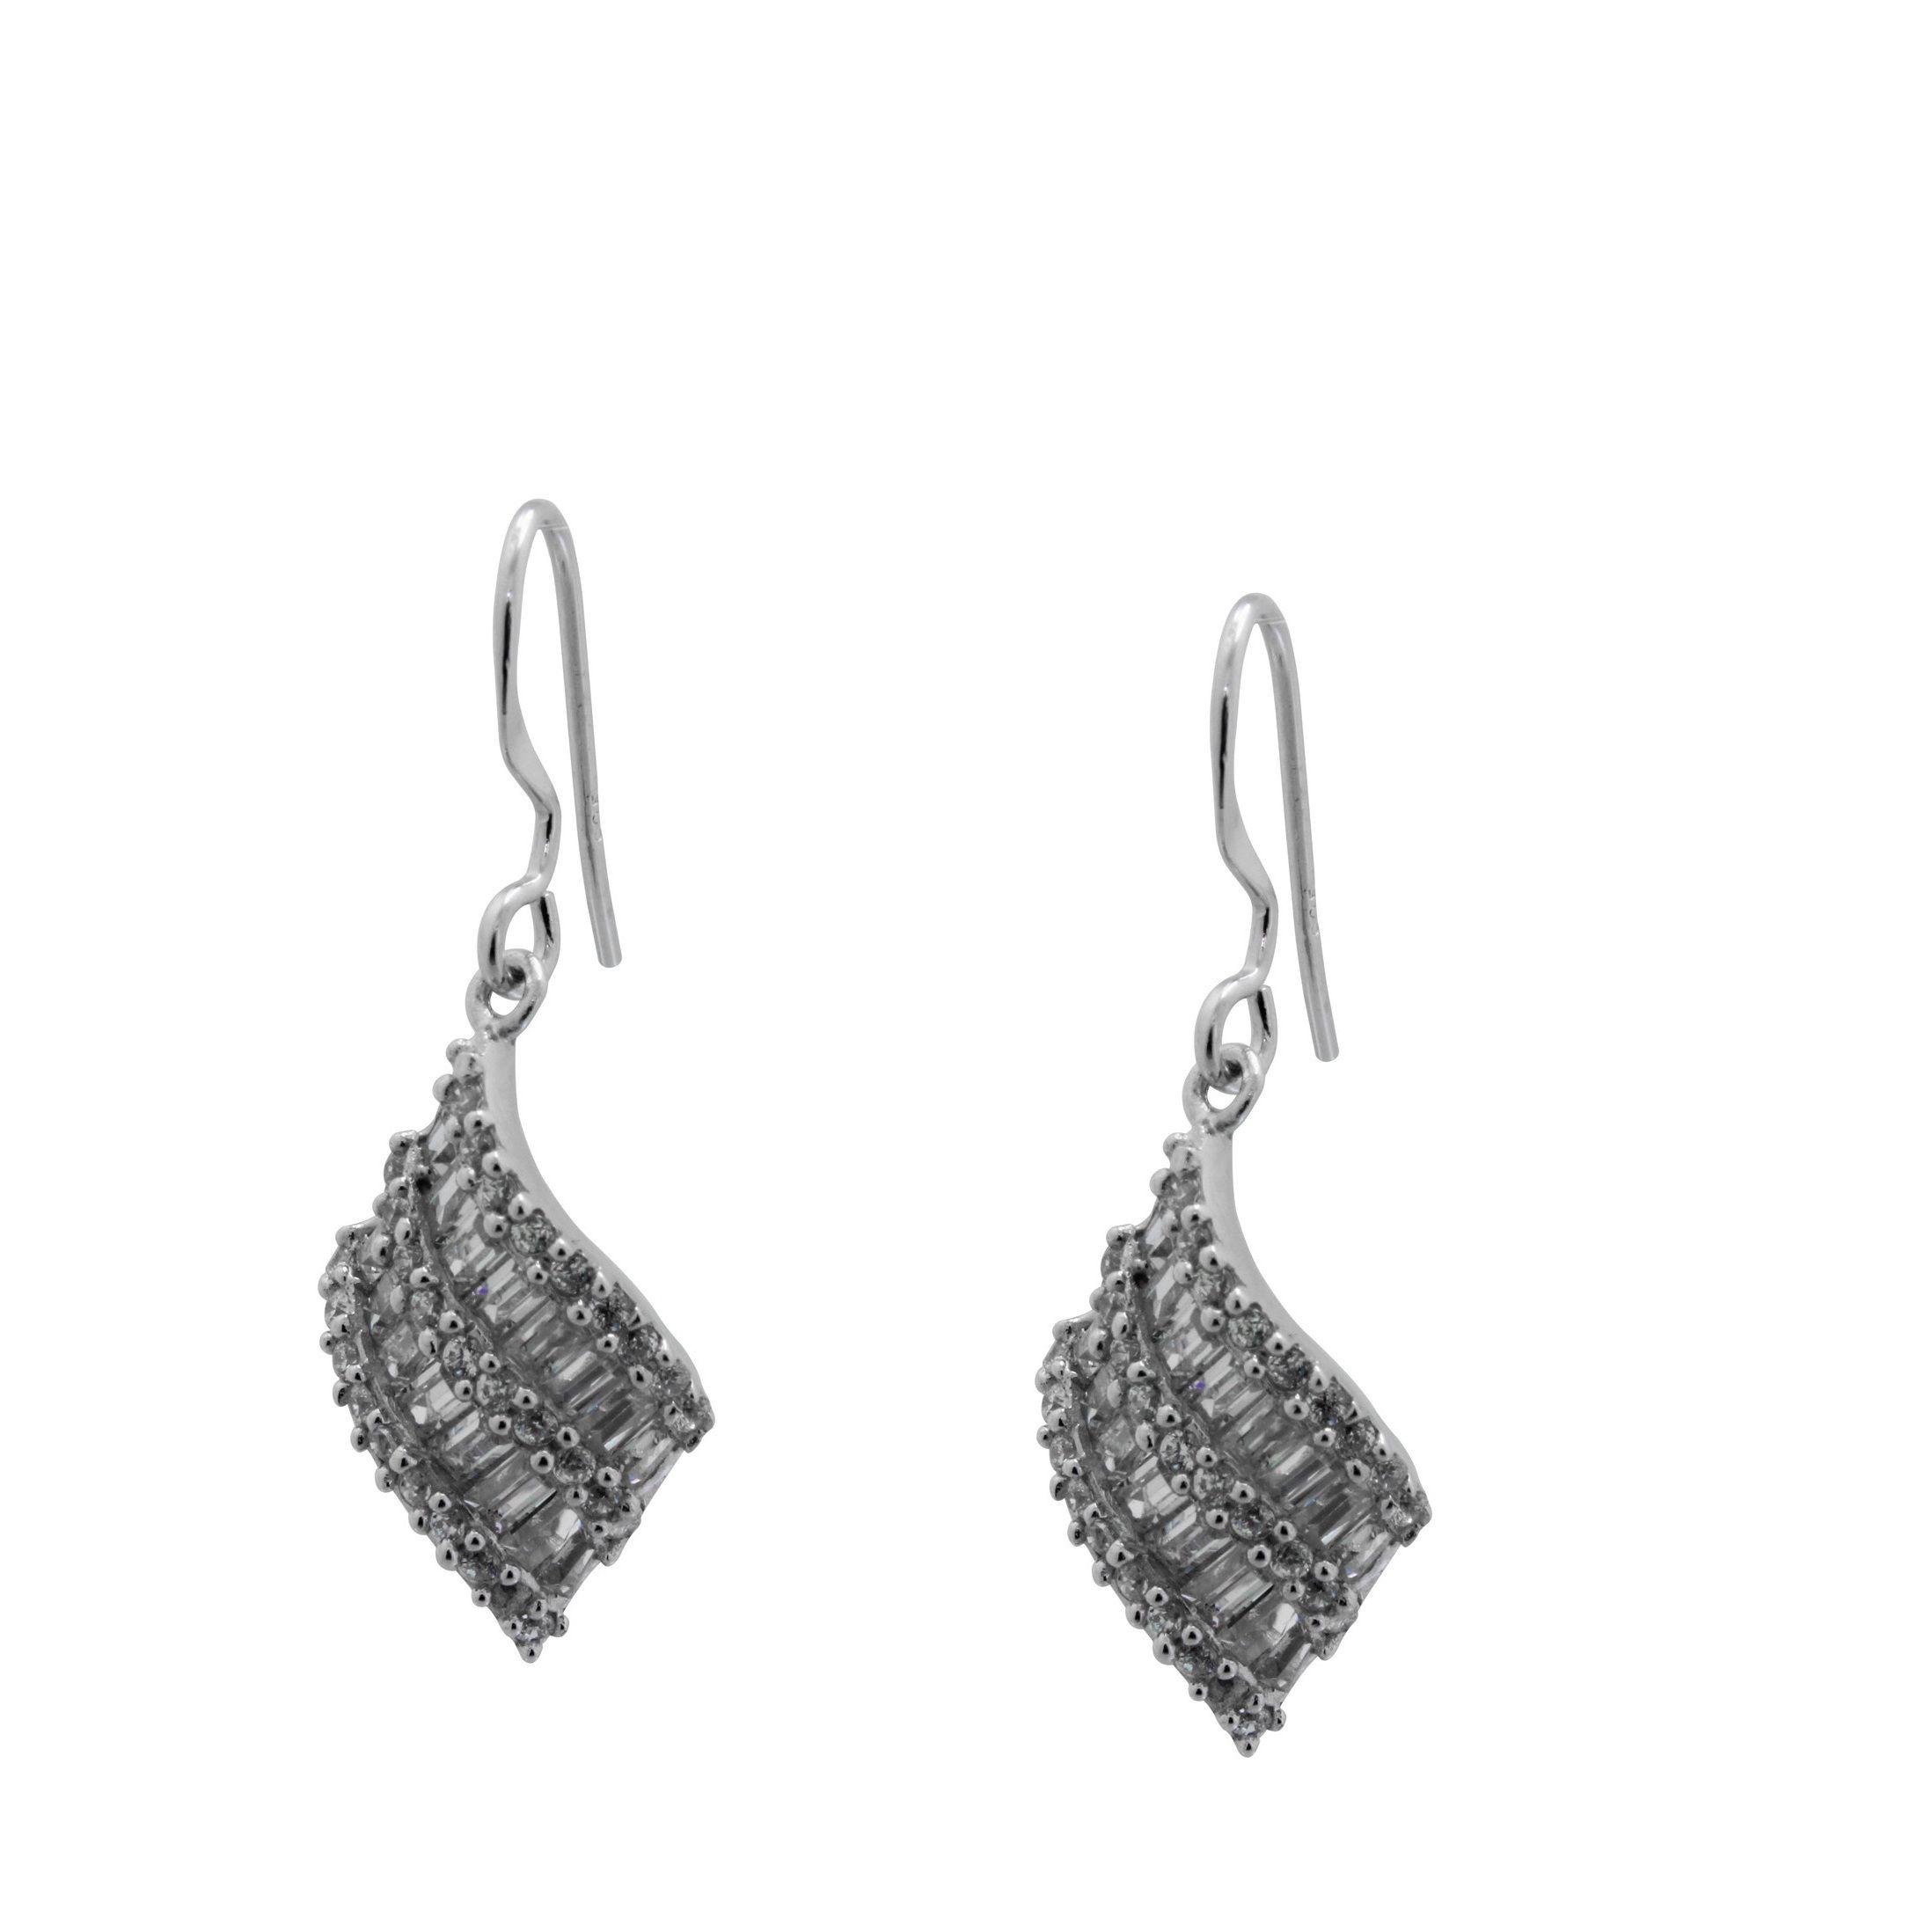 Gioelli Designs Sterling Silver 2 1/2ct TGW Baguette-cut Cubic Zirconia Dangle Earrings